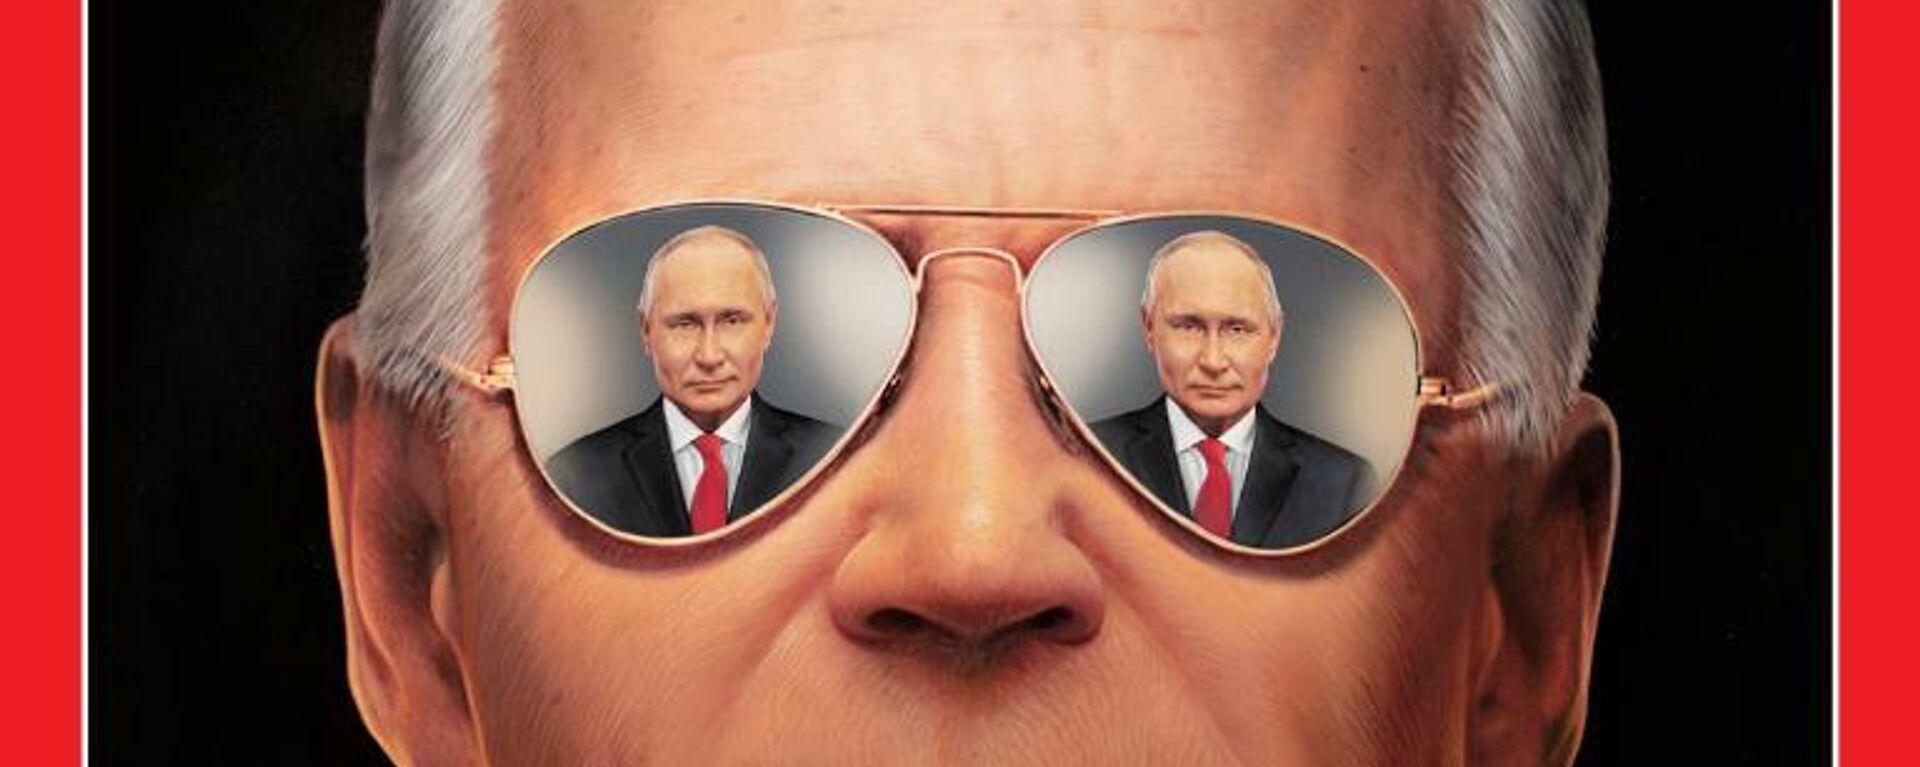 La revista Time pone en su portada a Biden con la mirada en Putin - Sputnik Mundo, 1920, 11.06.2021